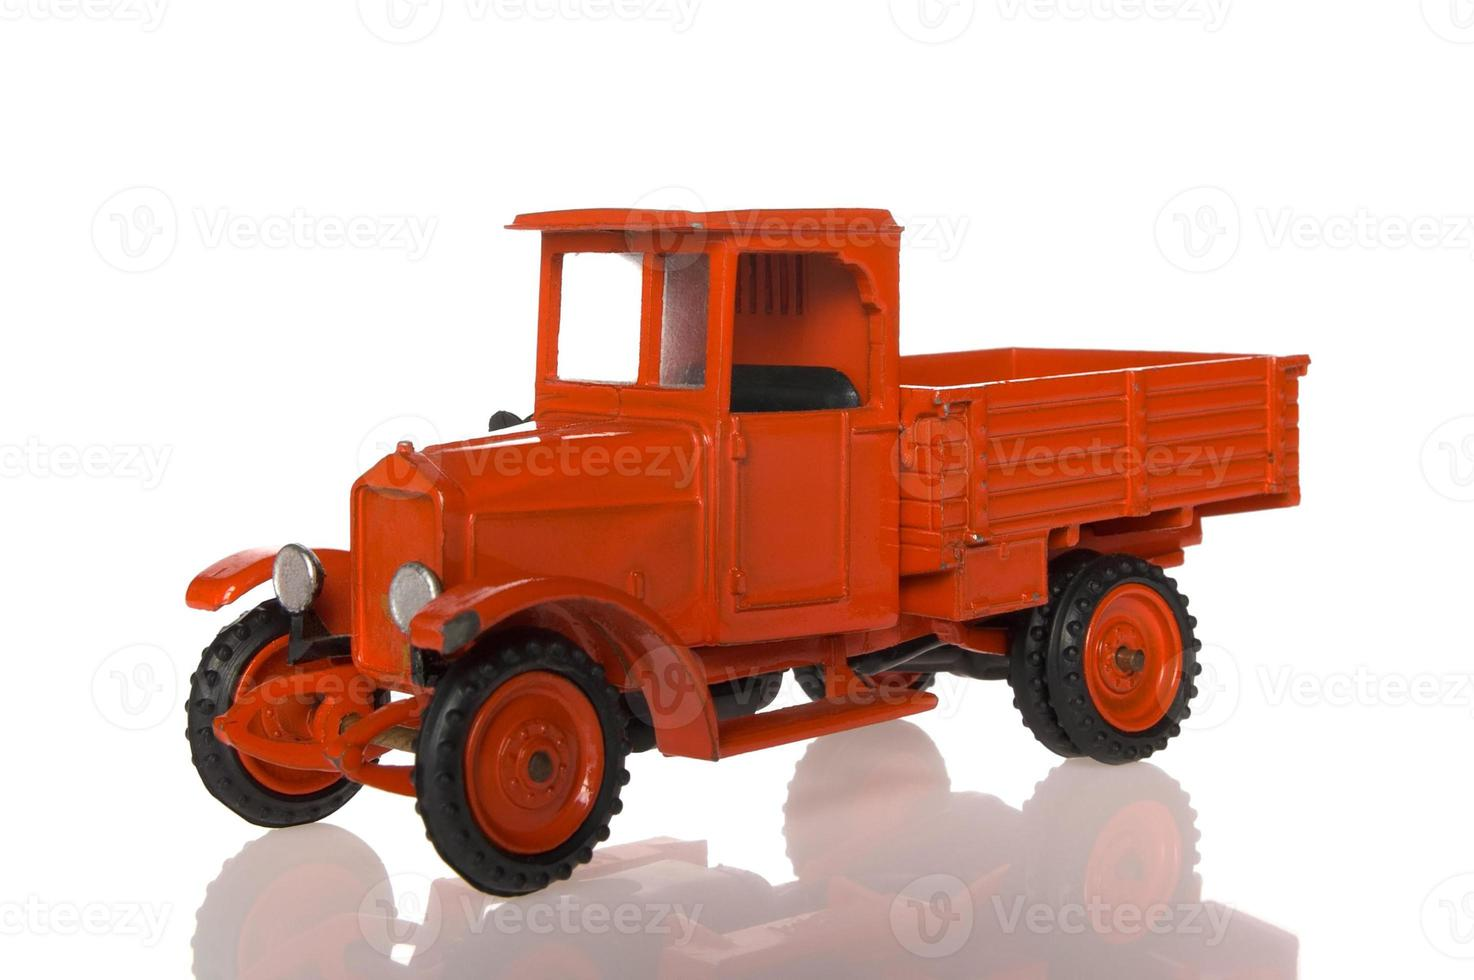 camion giocattolo rosso foto